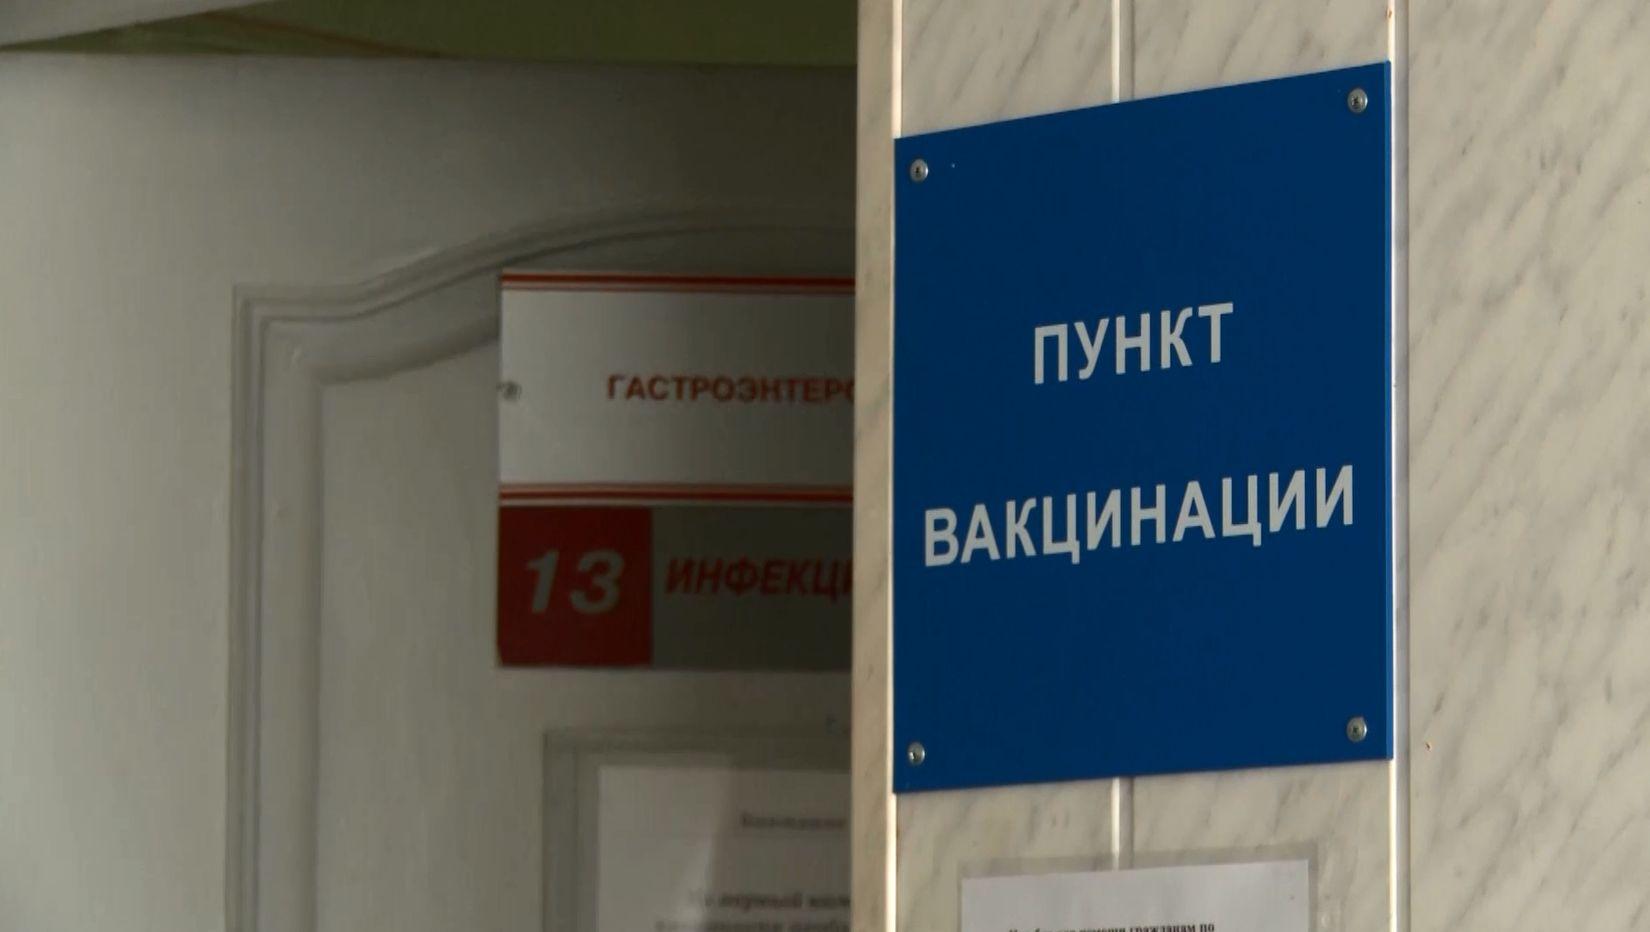 В Ярославской области продолжается вакцинация населения против коронавируса